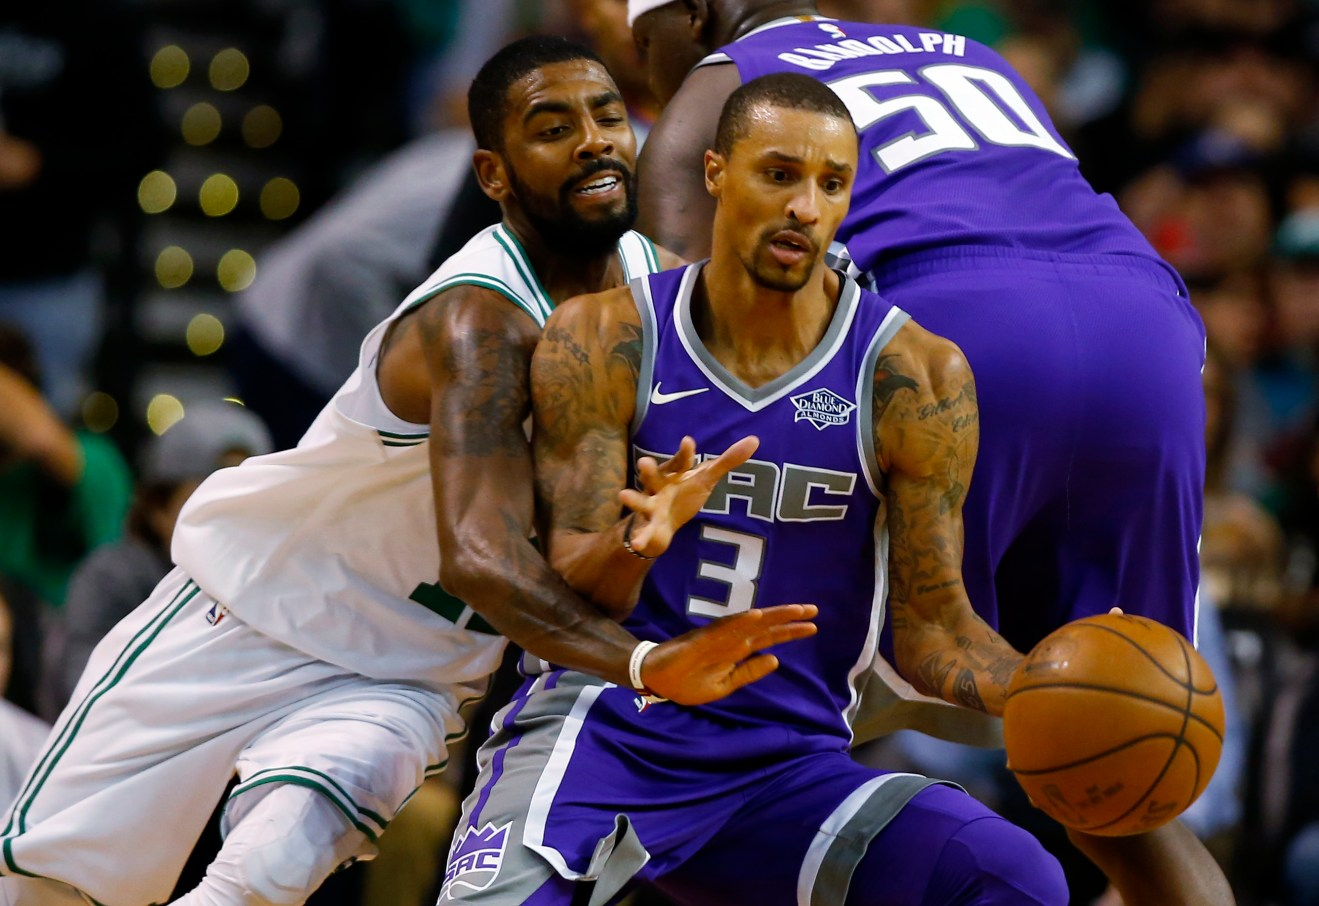 NBA: Sacramento Kings at Boston Celtics